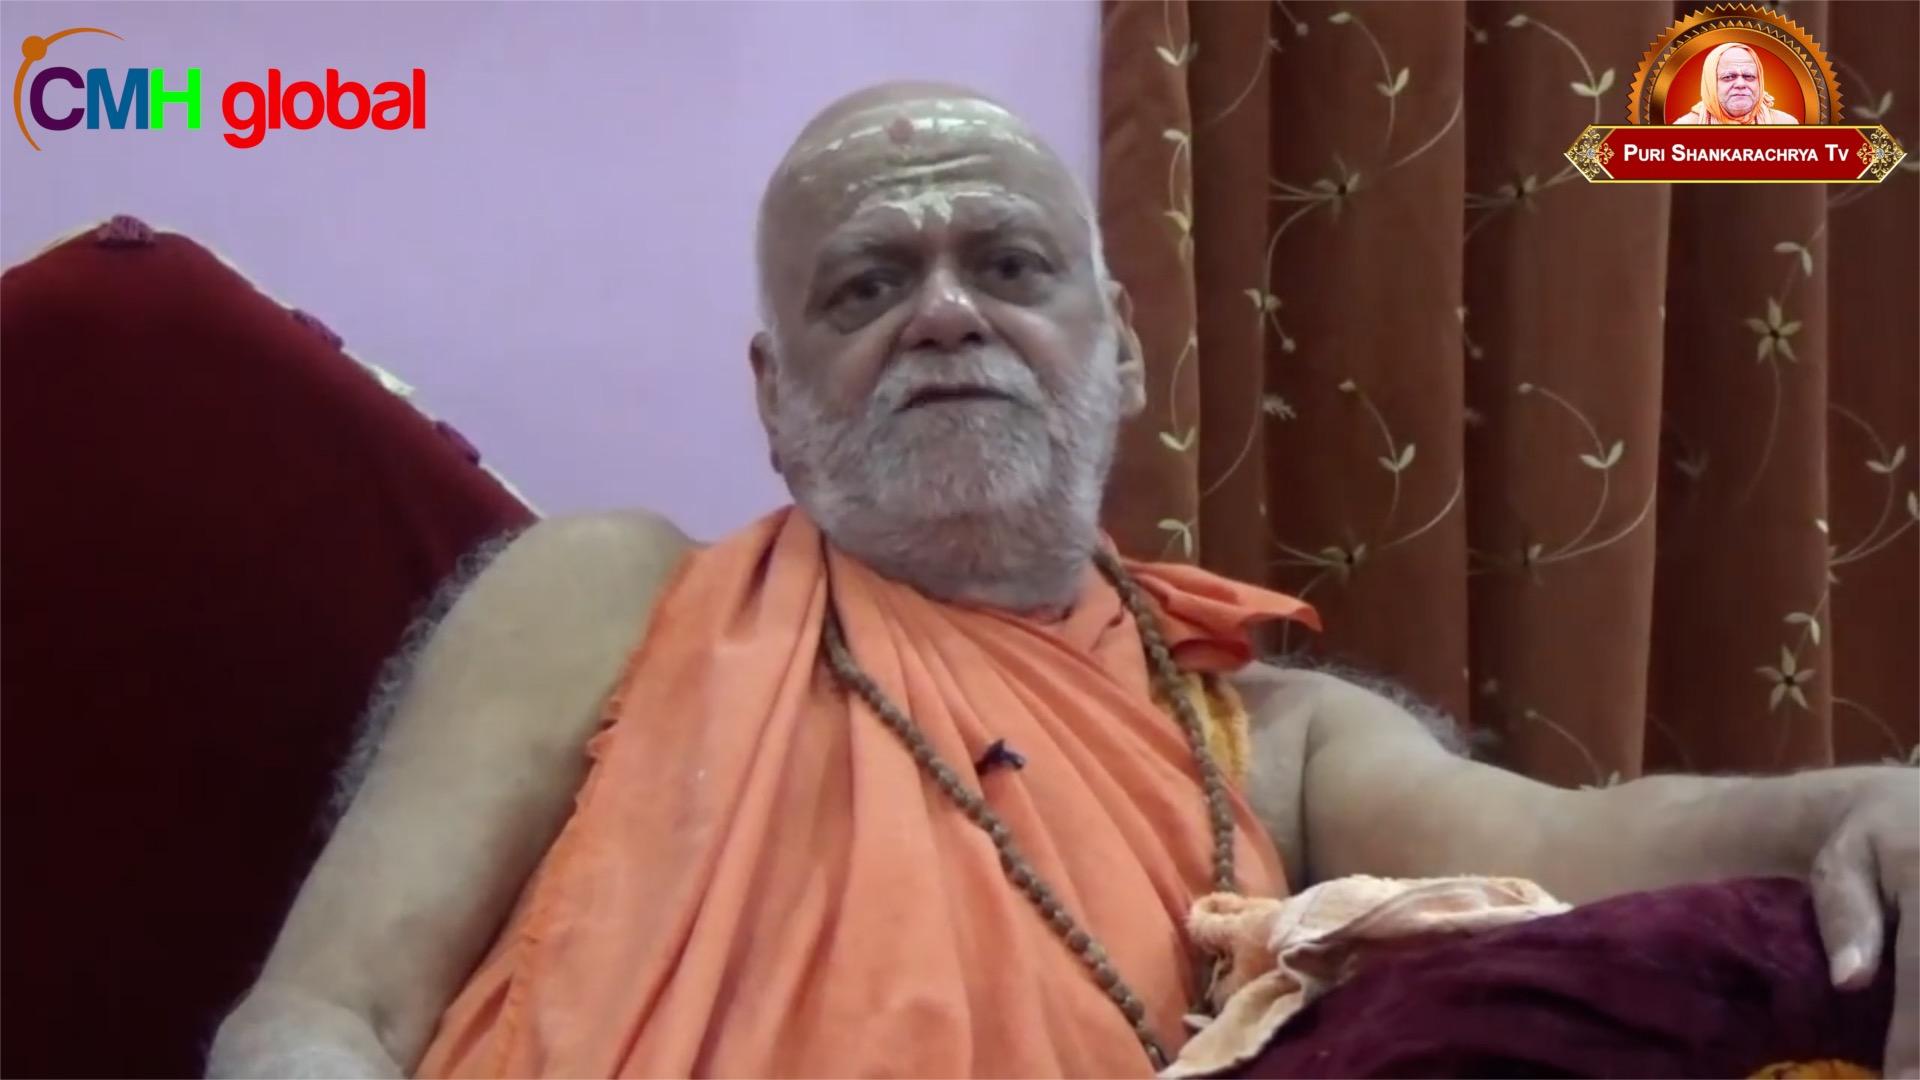 Gyan Dhara Ep -62 by Puri Shankaracharya Swami Nishchalananda Saraswati Ji